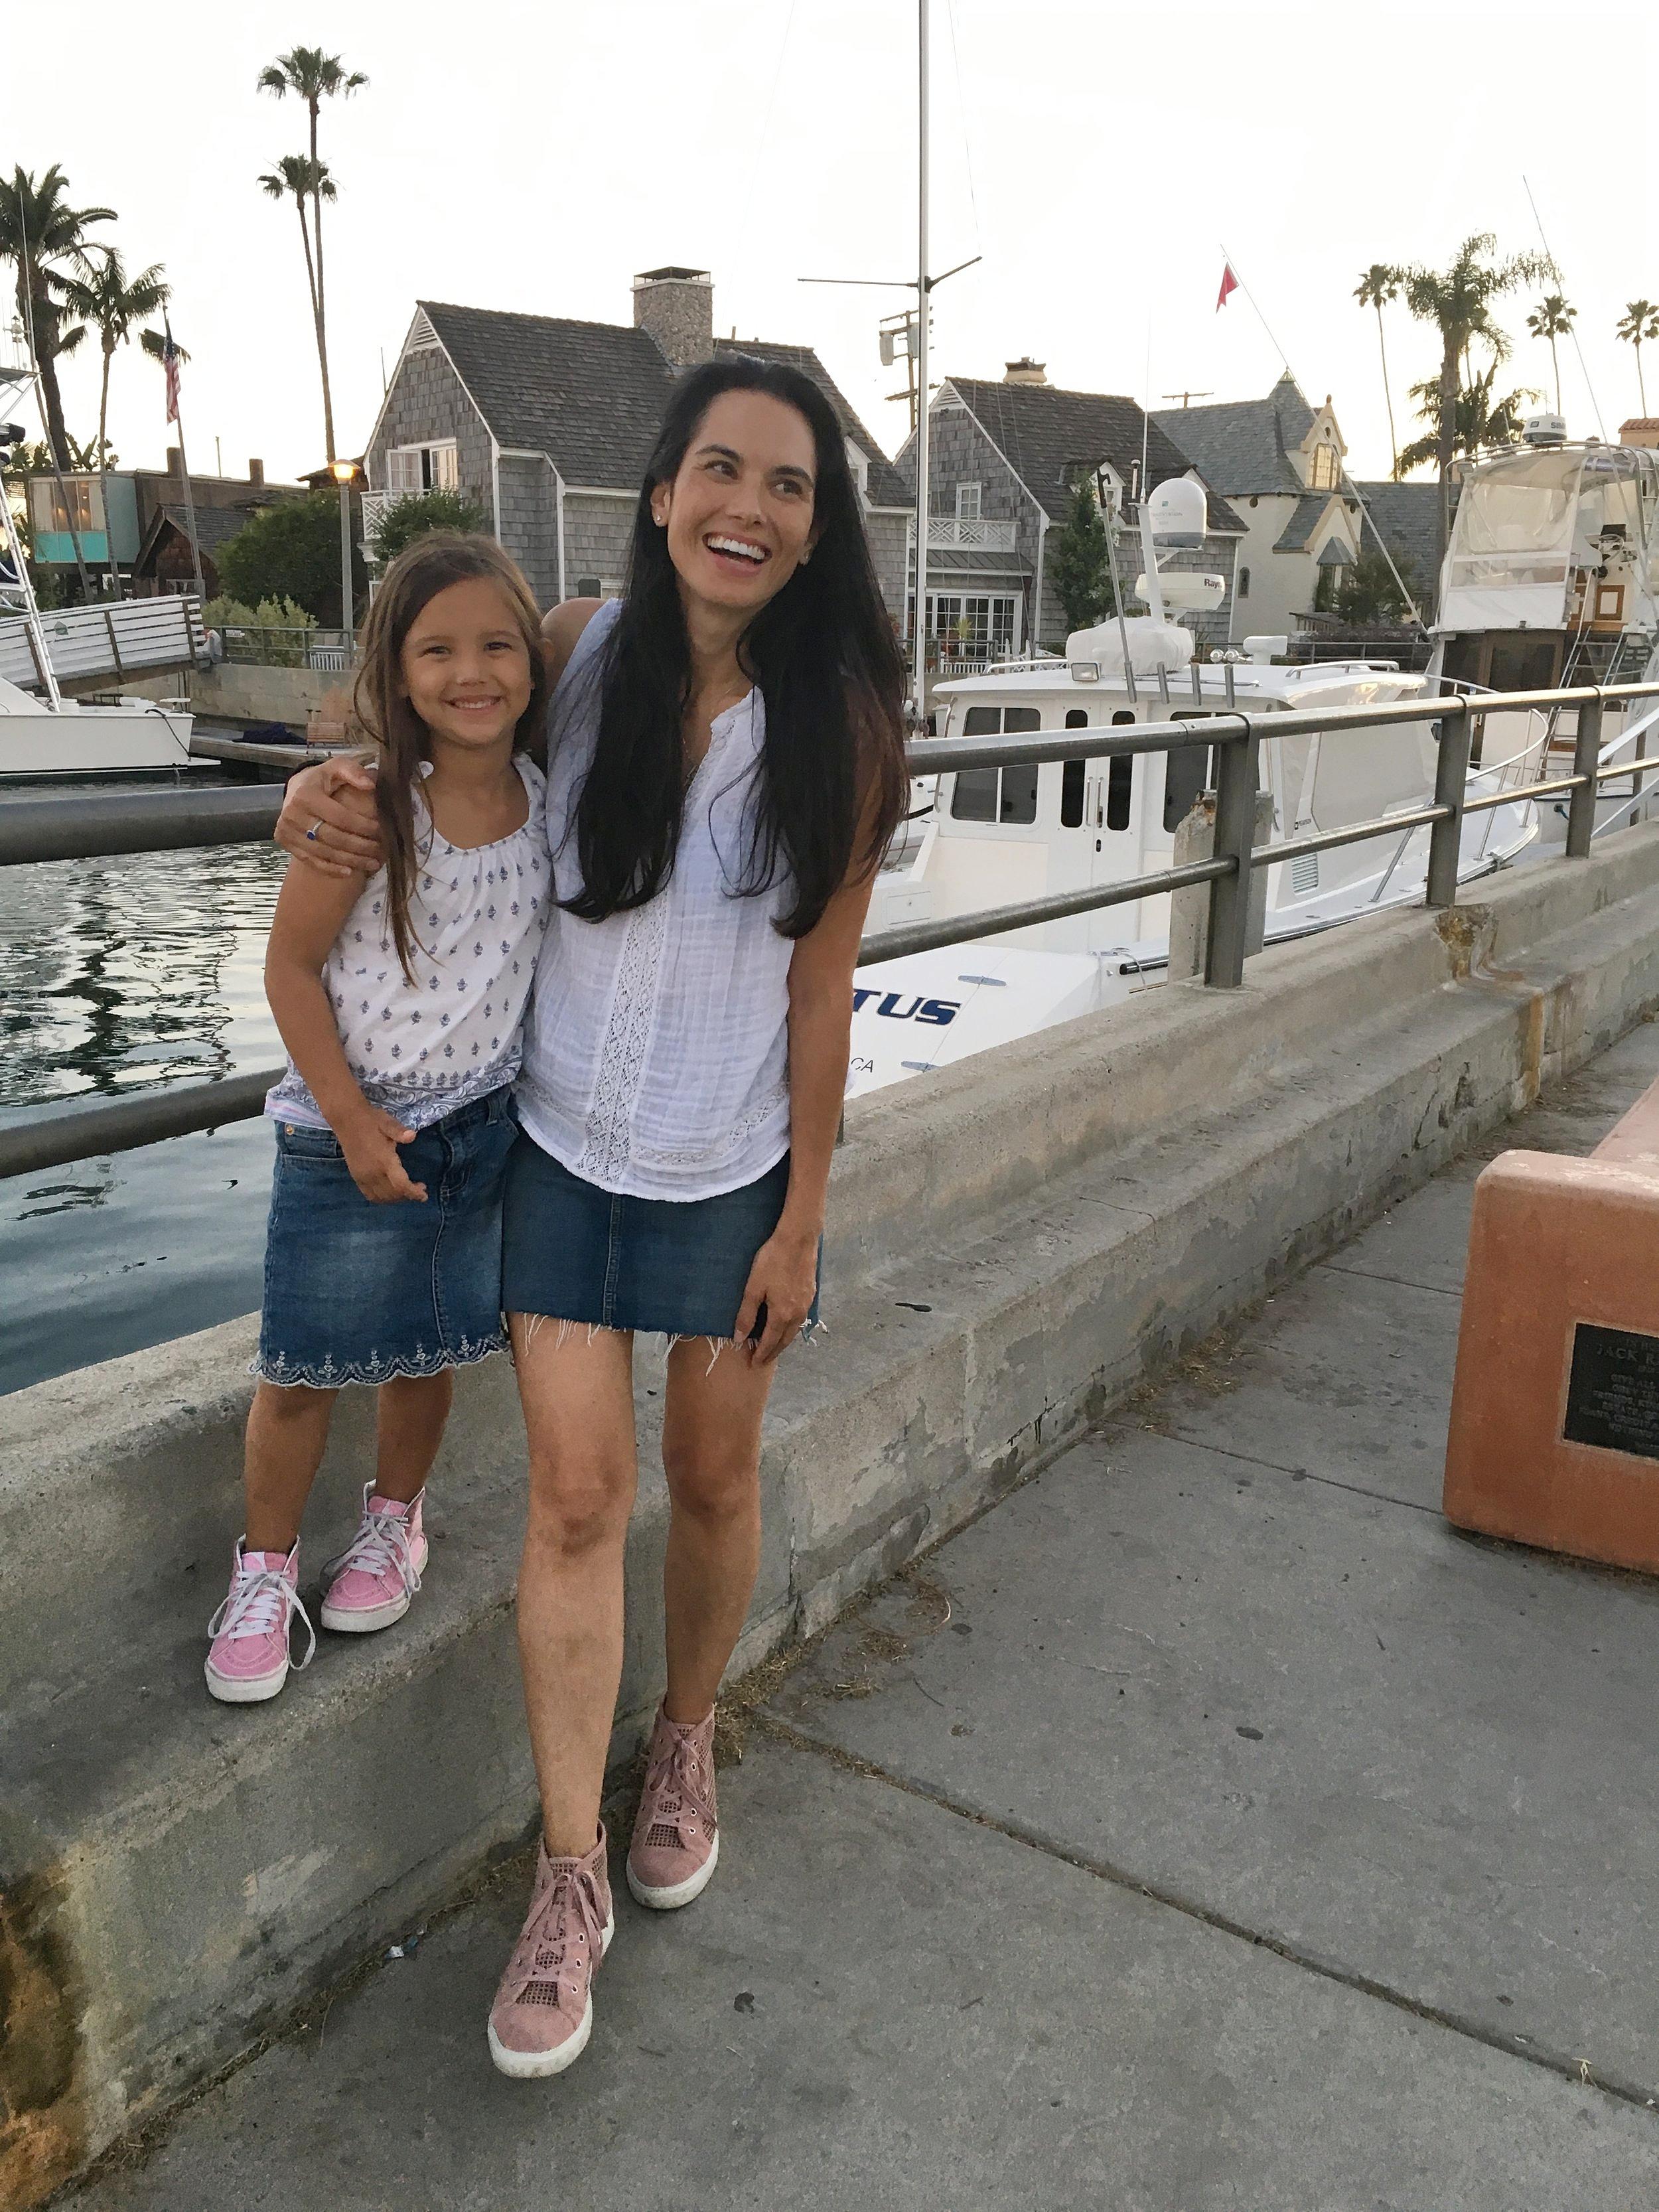 denim skirt mini  |  pink vans  |  denim skirt  |  pink high tops  |  white blouse  |